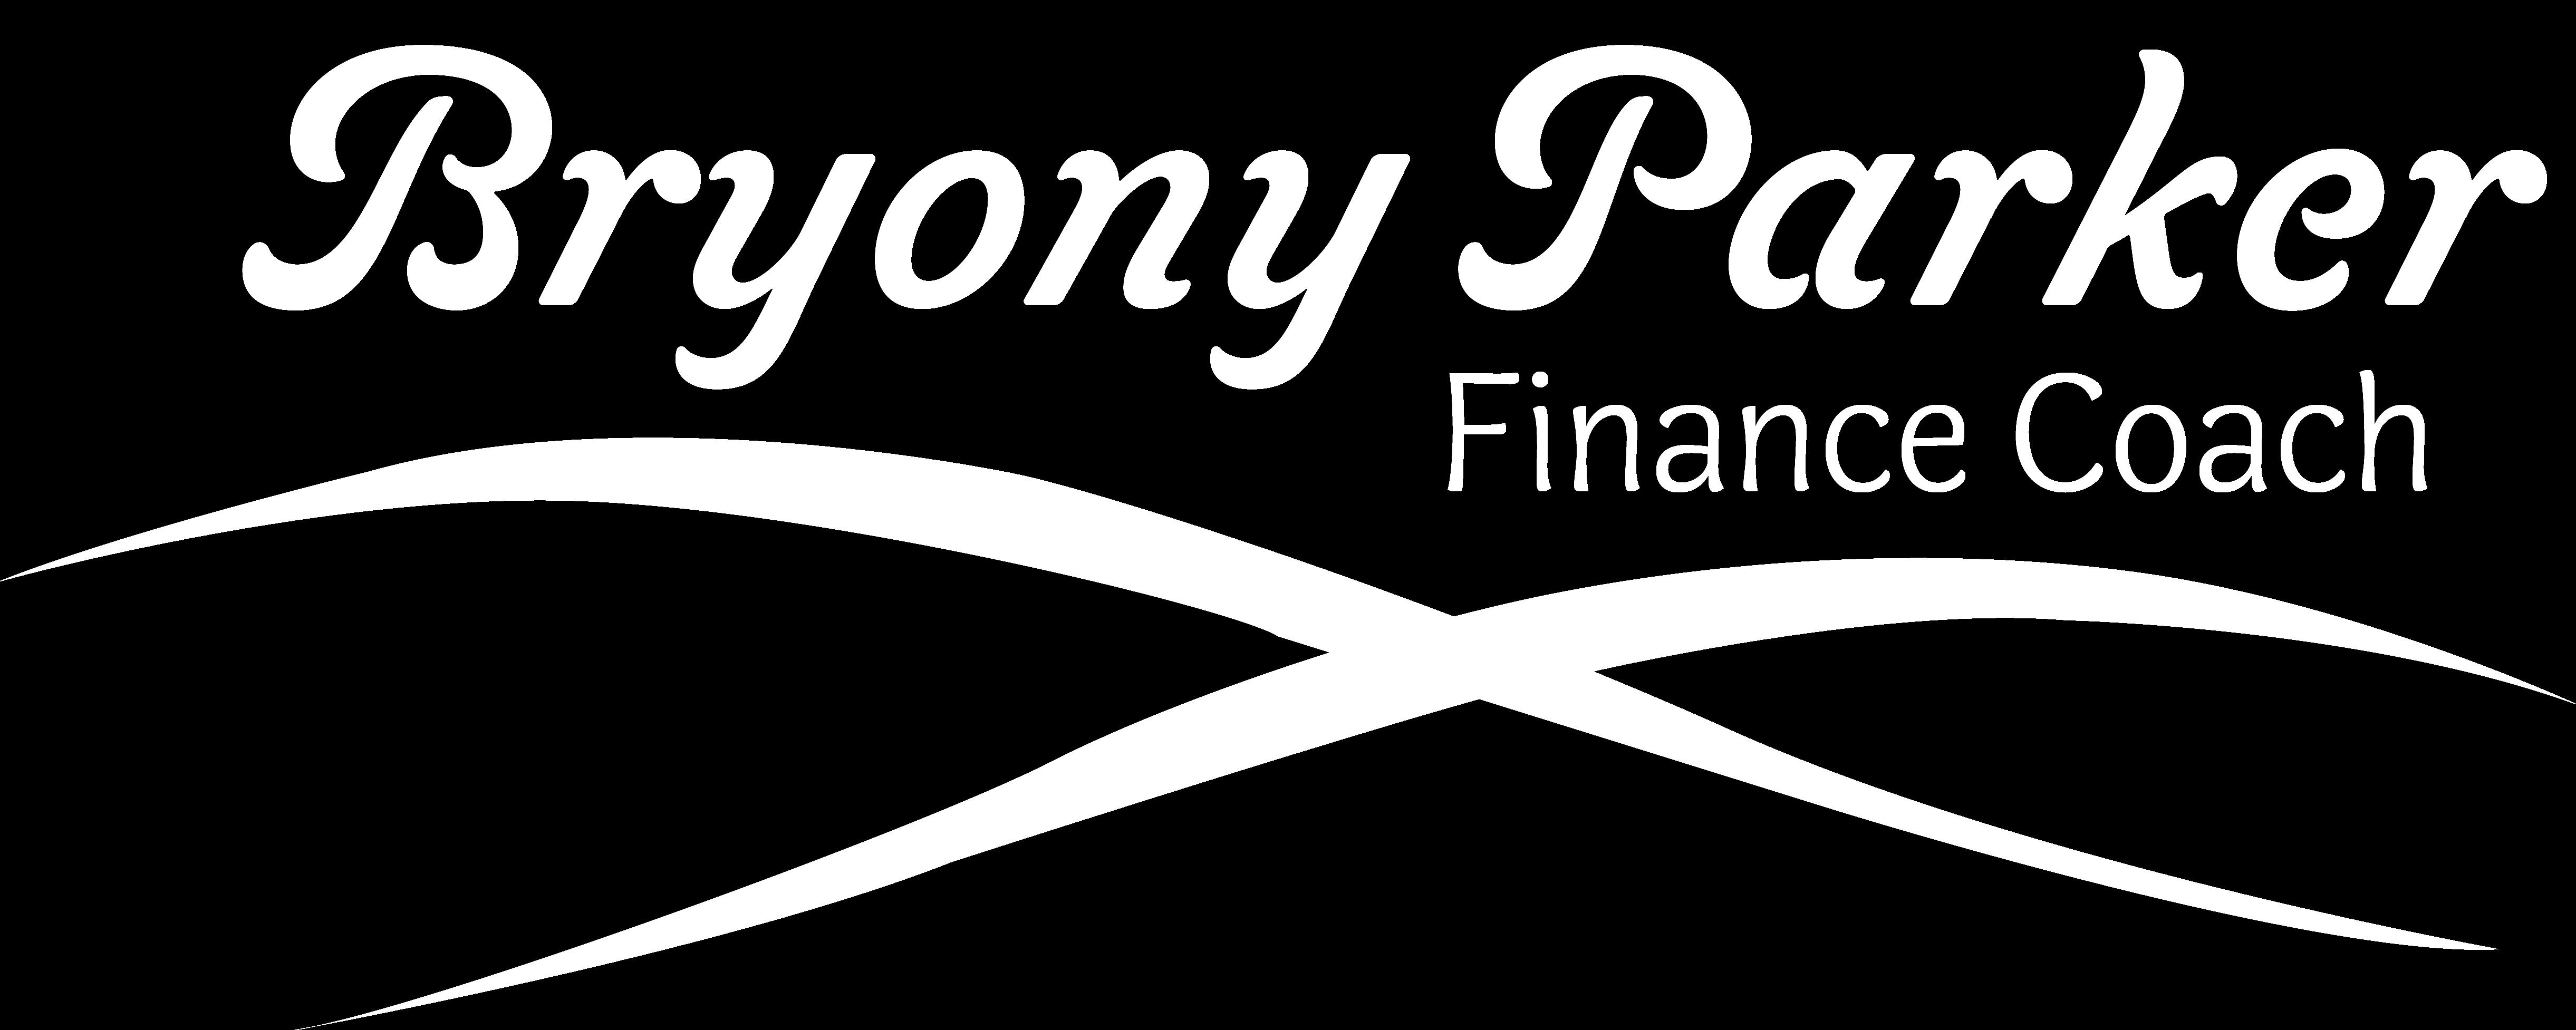 Bryony Parker Finance Coach